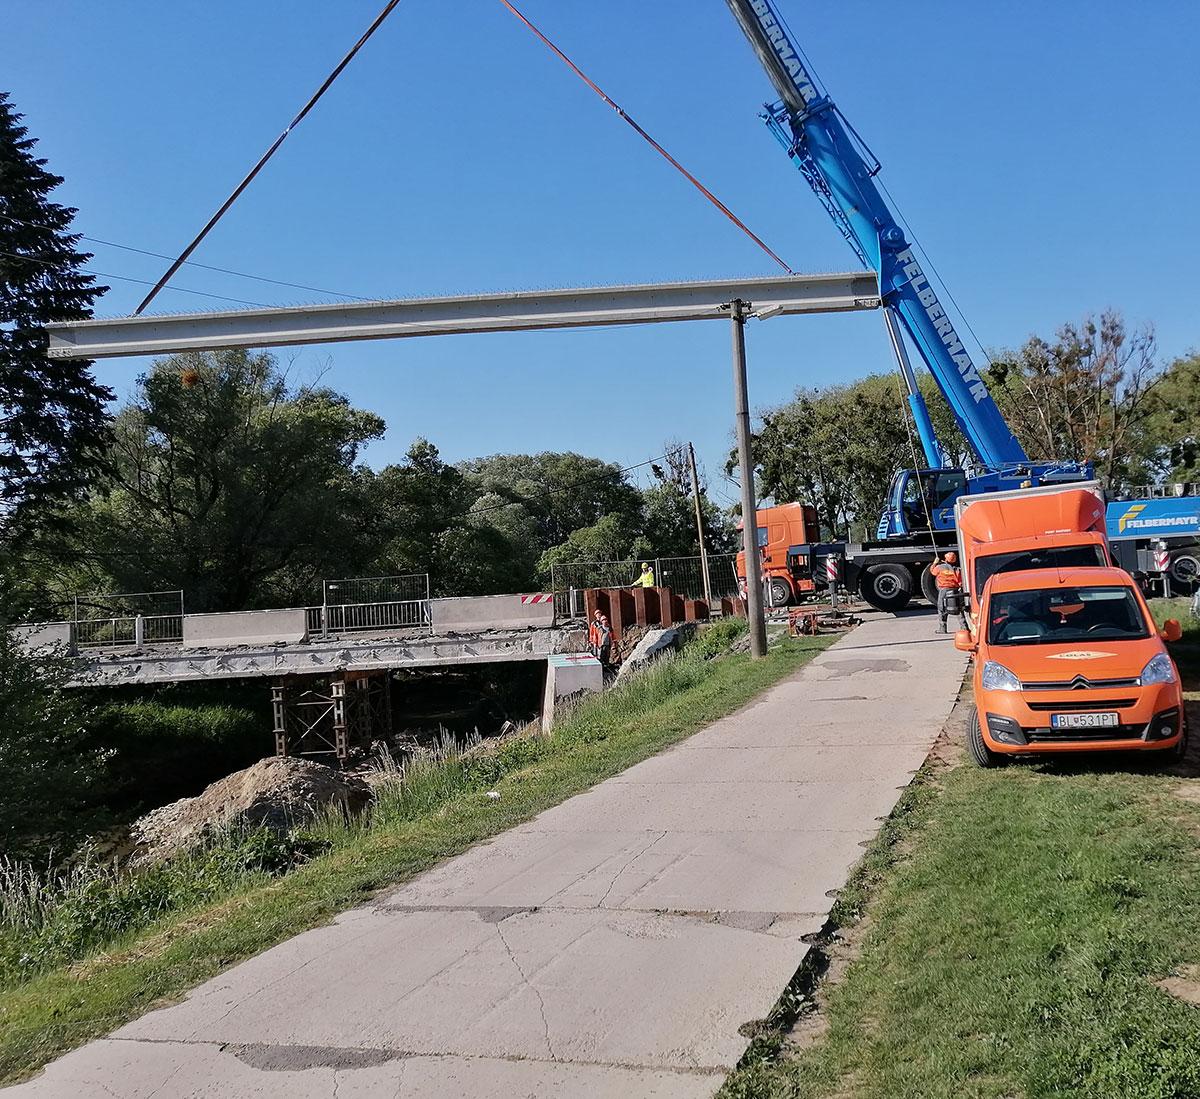 Obr. 5 Nosníky typu M30 pri realizácii rekonštrukcie mosta Malá Domaša – Žalobín